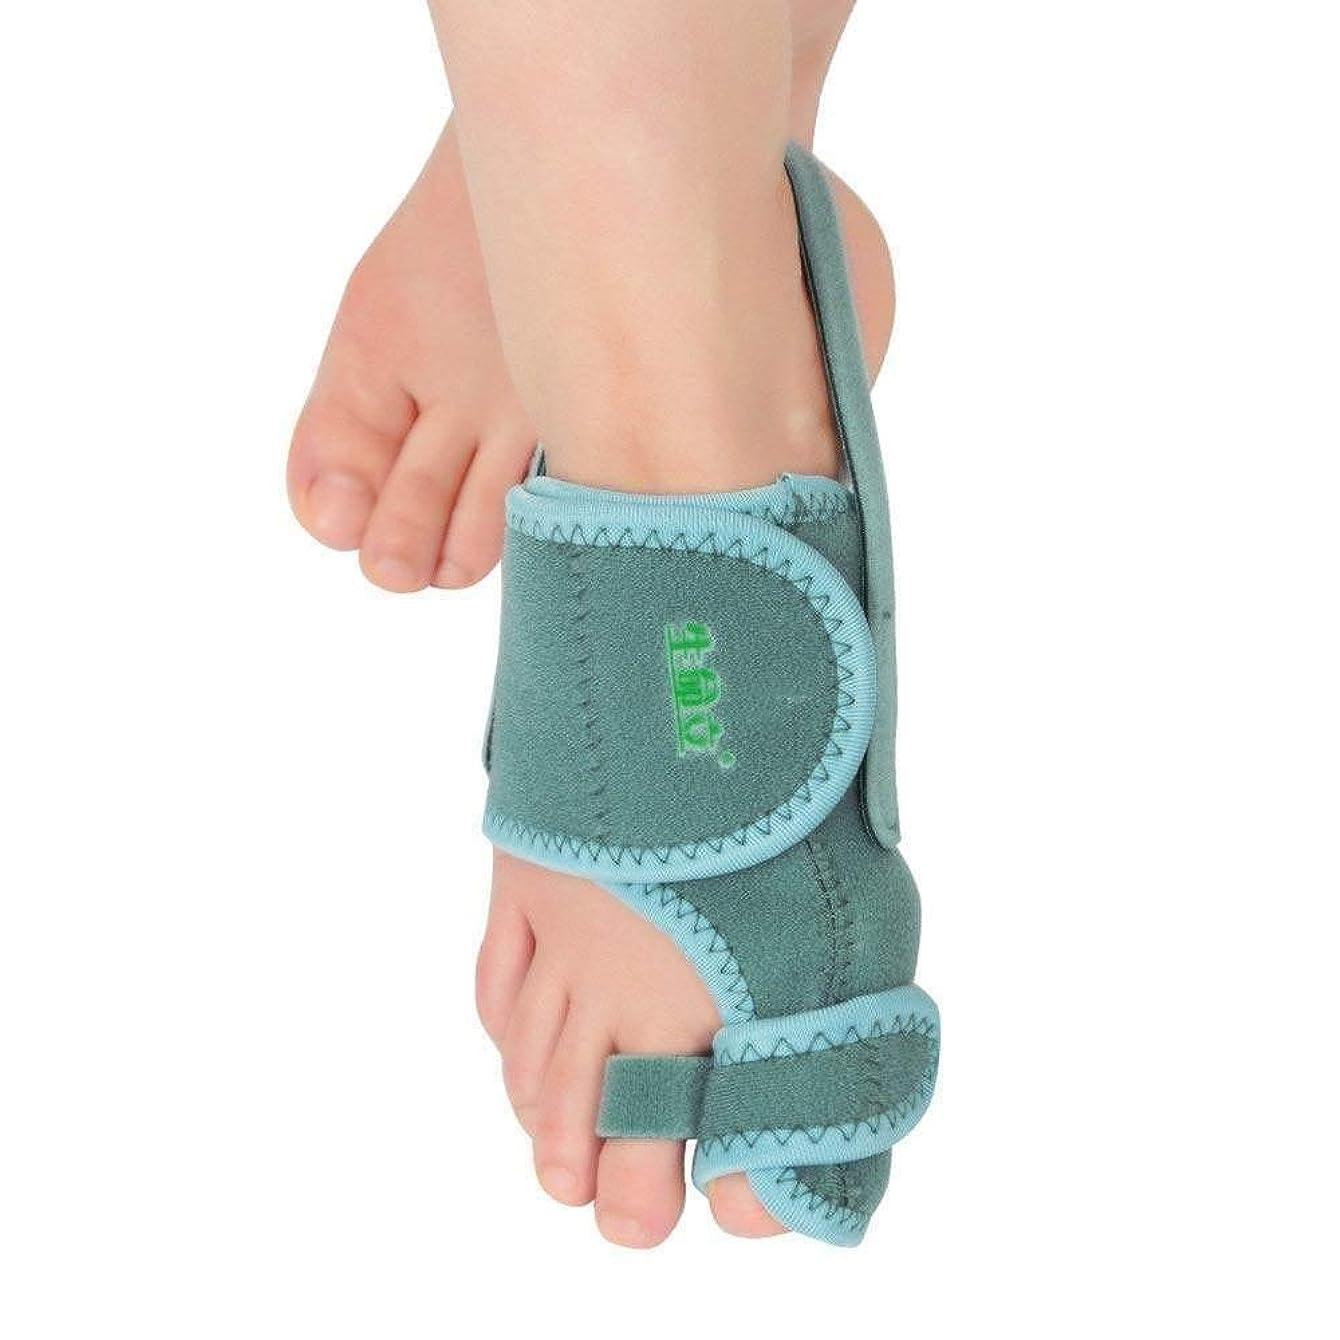 発動機ますます脅威外反母ortho装具、女性と男性の足の親指の矯正用セパレーターの腱膜瘤緩和のための夜間親指つま先外反,Left Foot